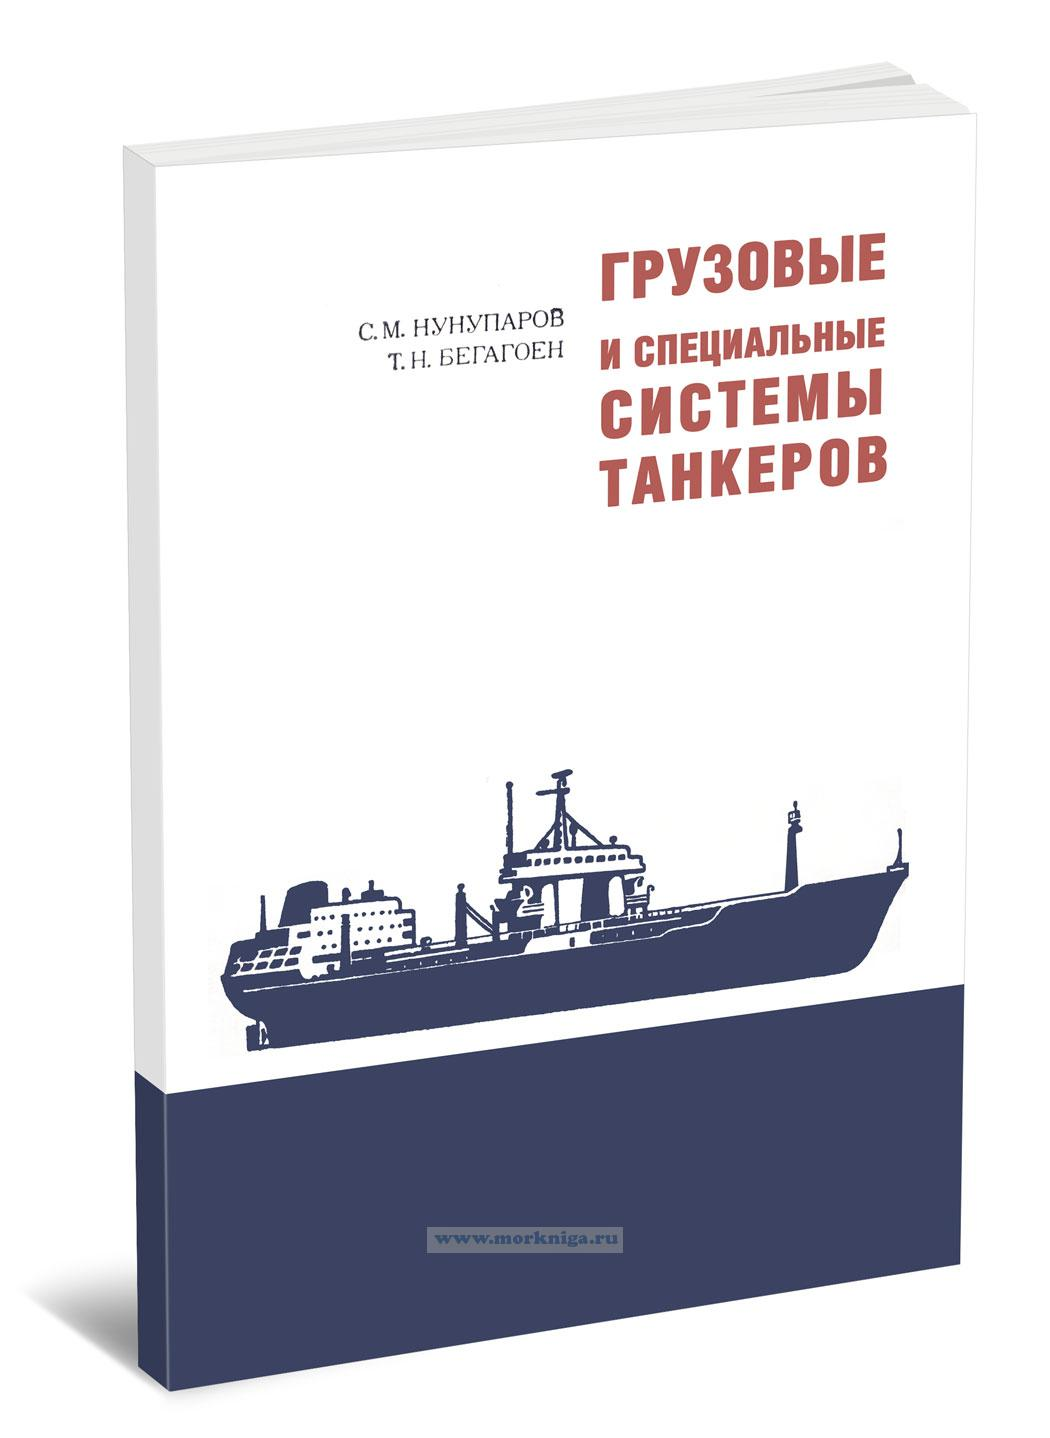 Грузовые и специальные системы танкеров